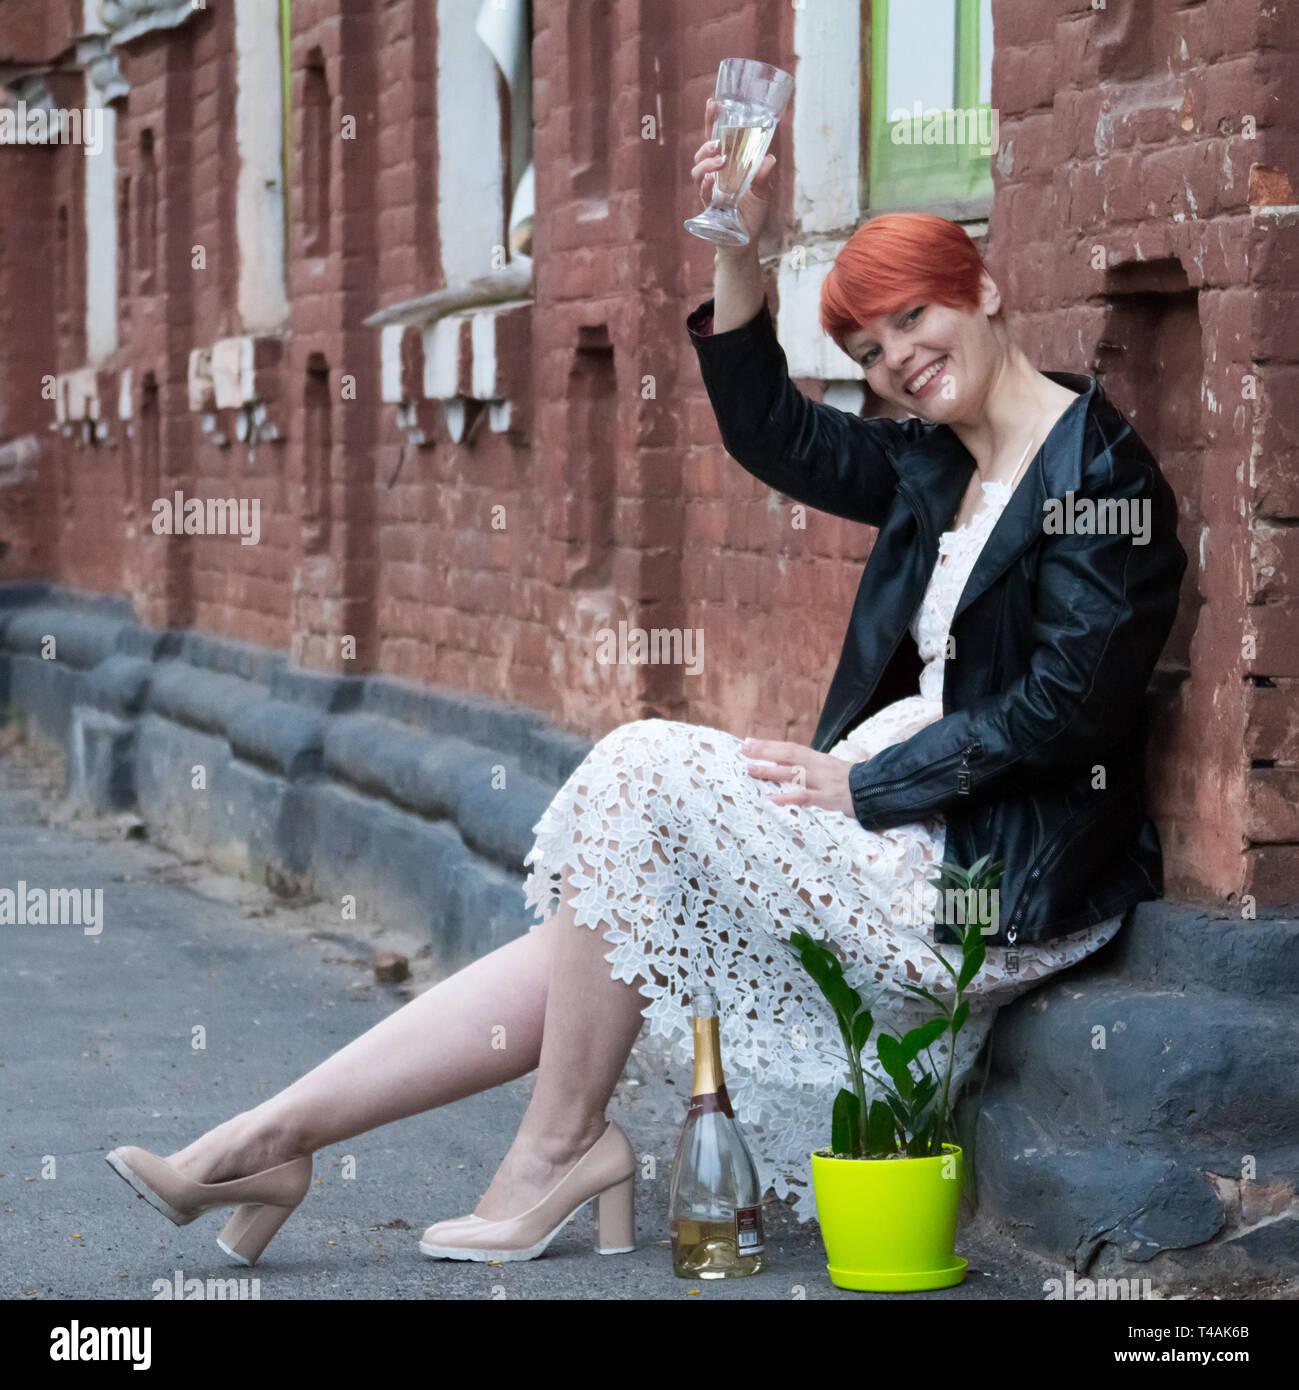 Una joven pelirroja mujer en un vestido blanco se ubica en la calle junto a la planta y brindis con una copa de champán, sonriente, feliz, vacaciones positiv Imagen De Stock